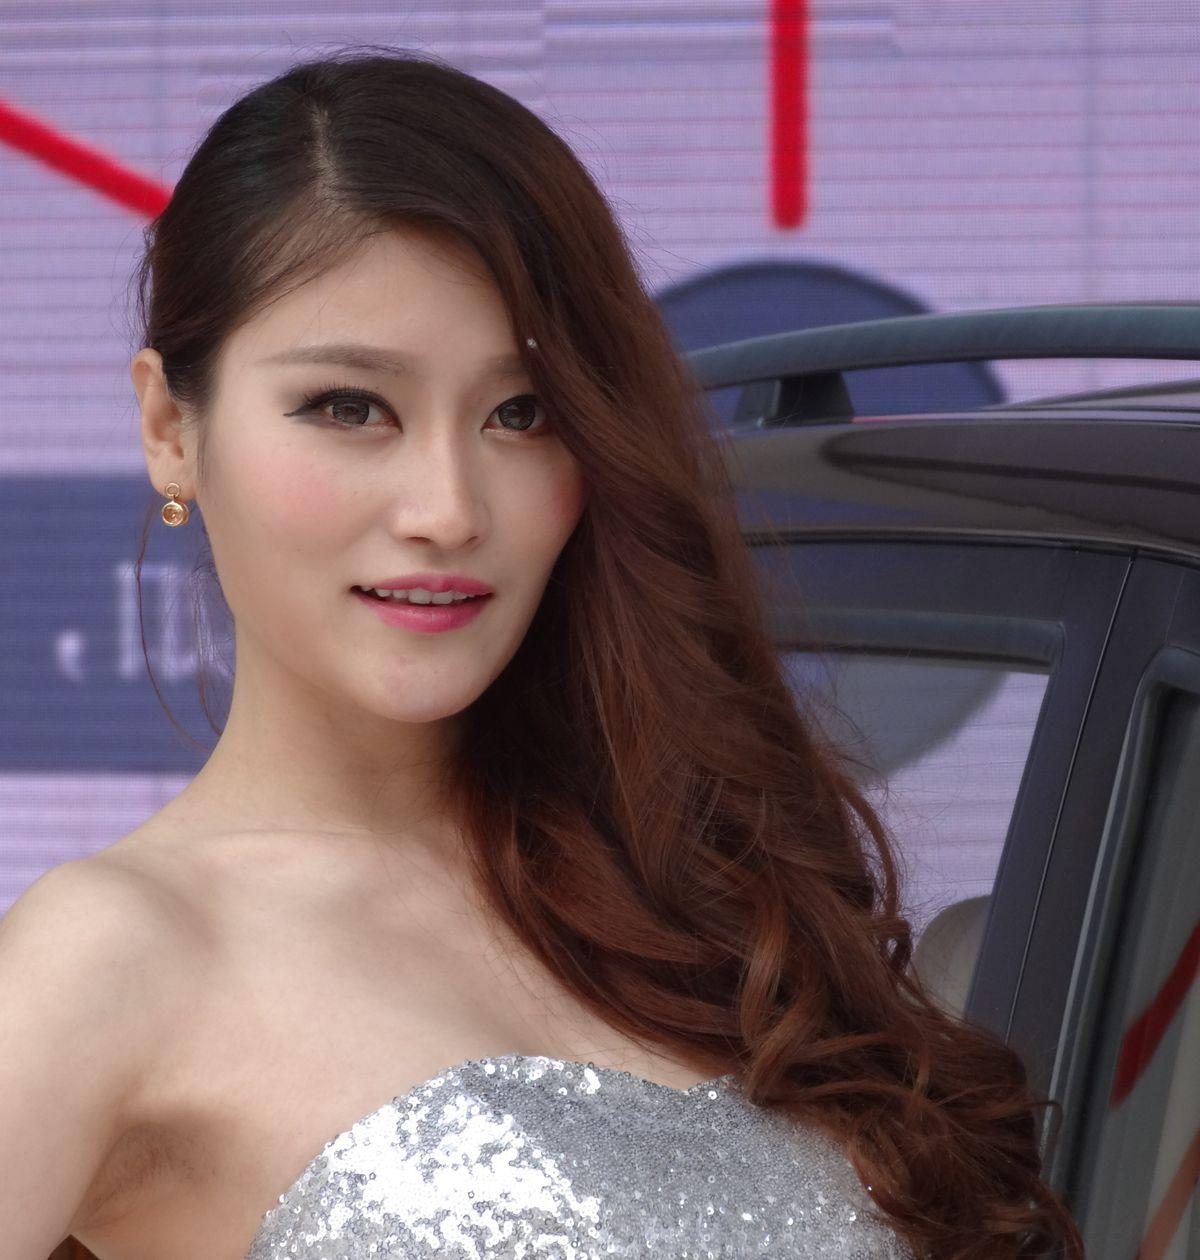 Die Messe Auto-China soll im April 2021 stattfinden.